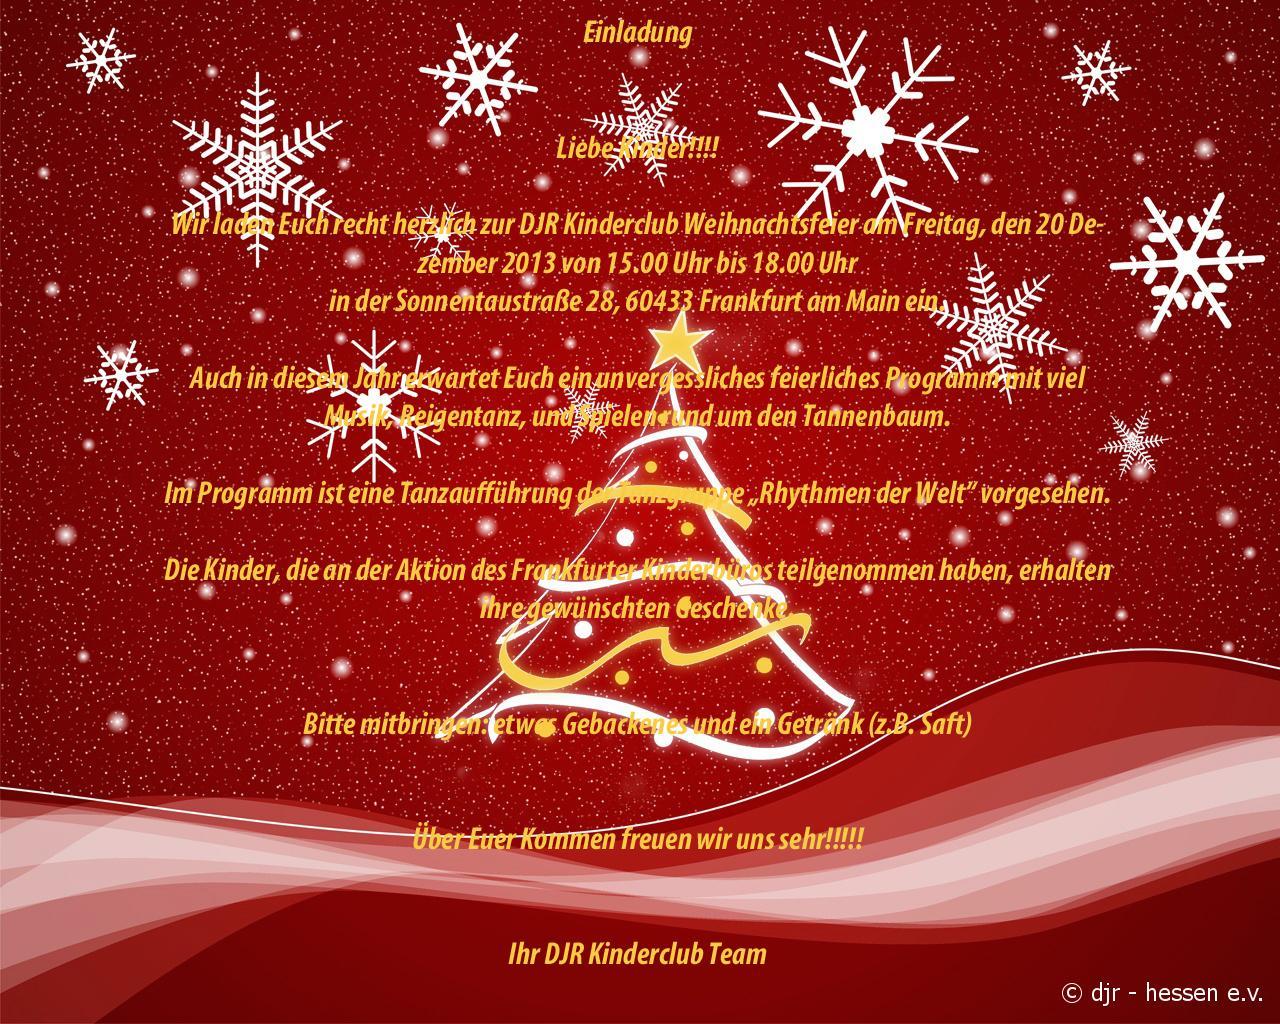 Großartig Einladung Weihnachten 2 | Djr Kreisgruppe Frankfurt Am Main, Einladungen